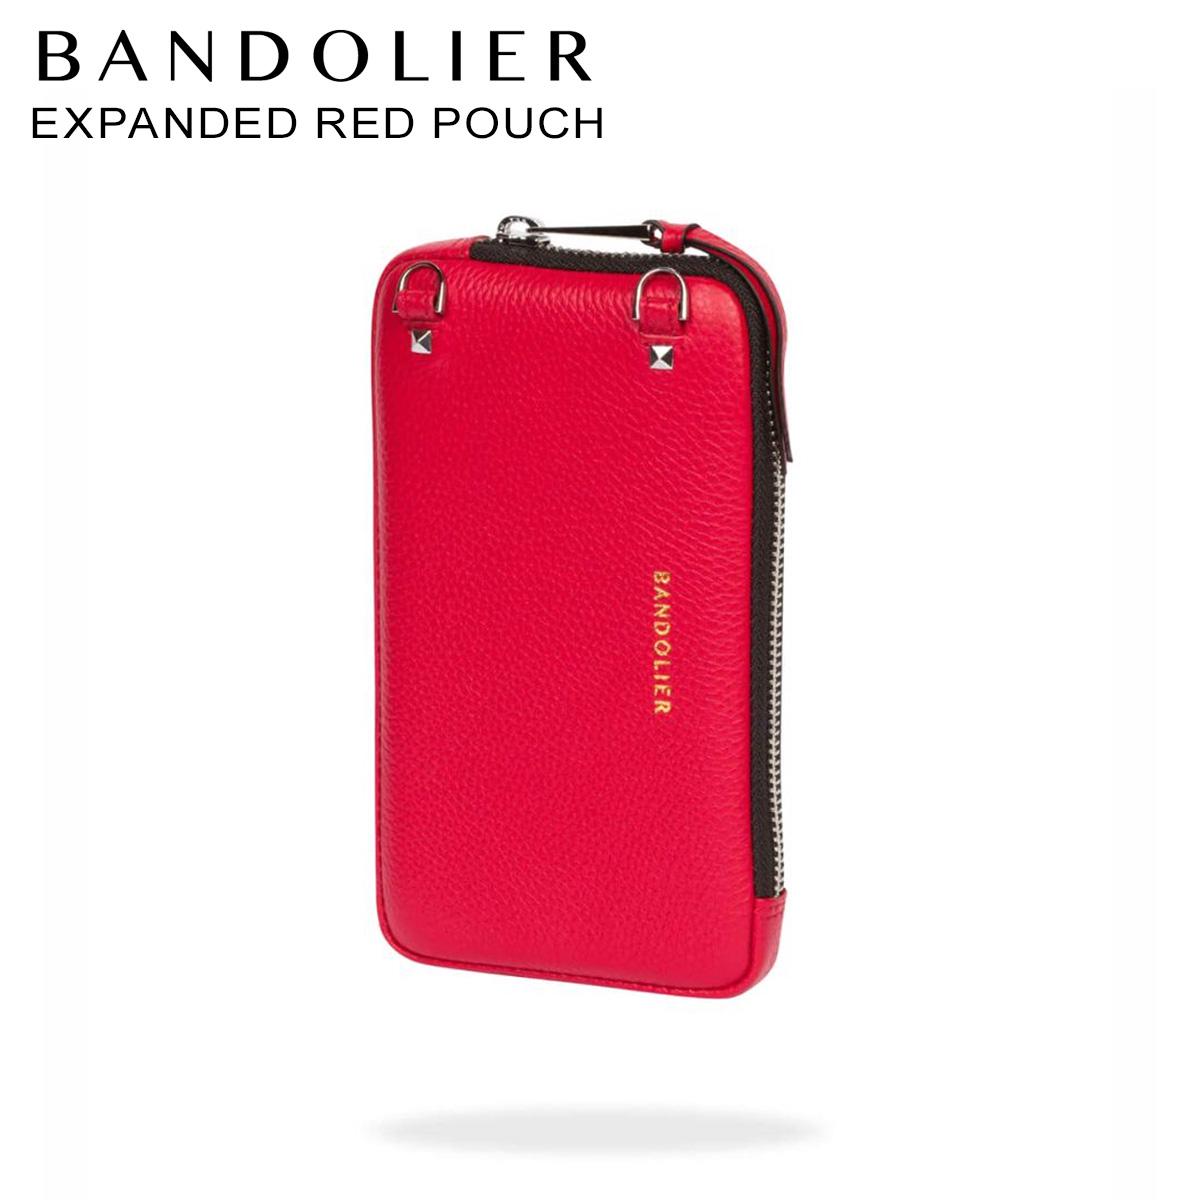 バンドリヤー BANDOLIER ポーチ スマホ 携帯 レディース EXPANDED RED POUCH レッド 21cas